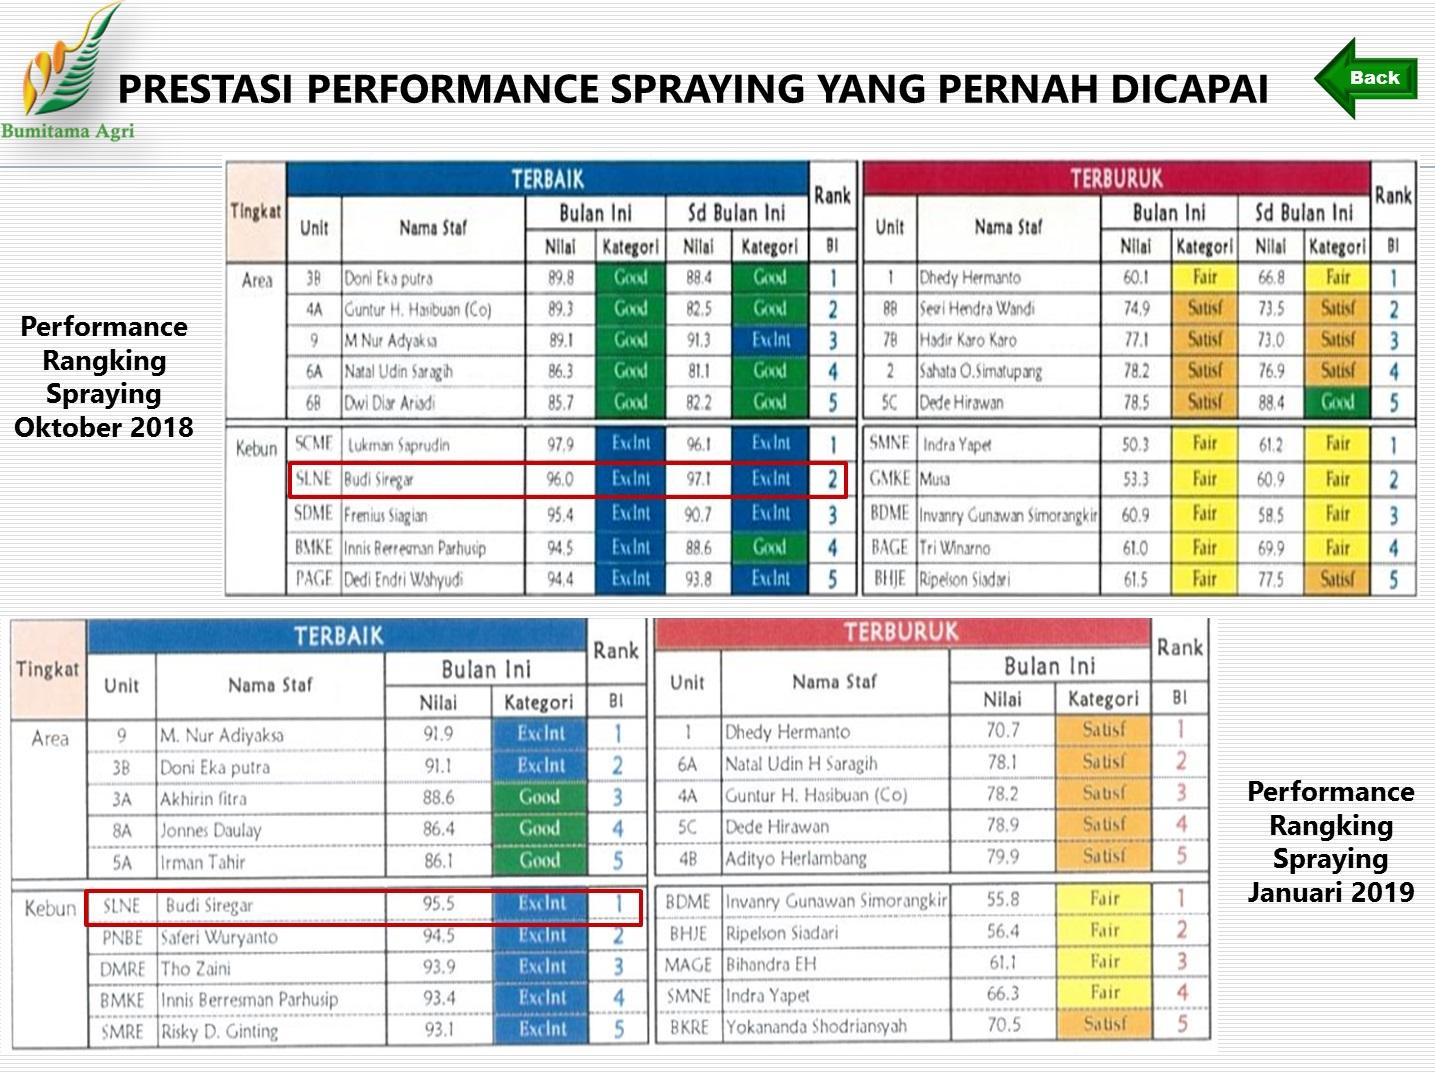 Prestasi Performance Spraying Tahun 2018